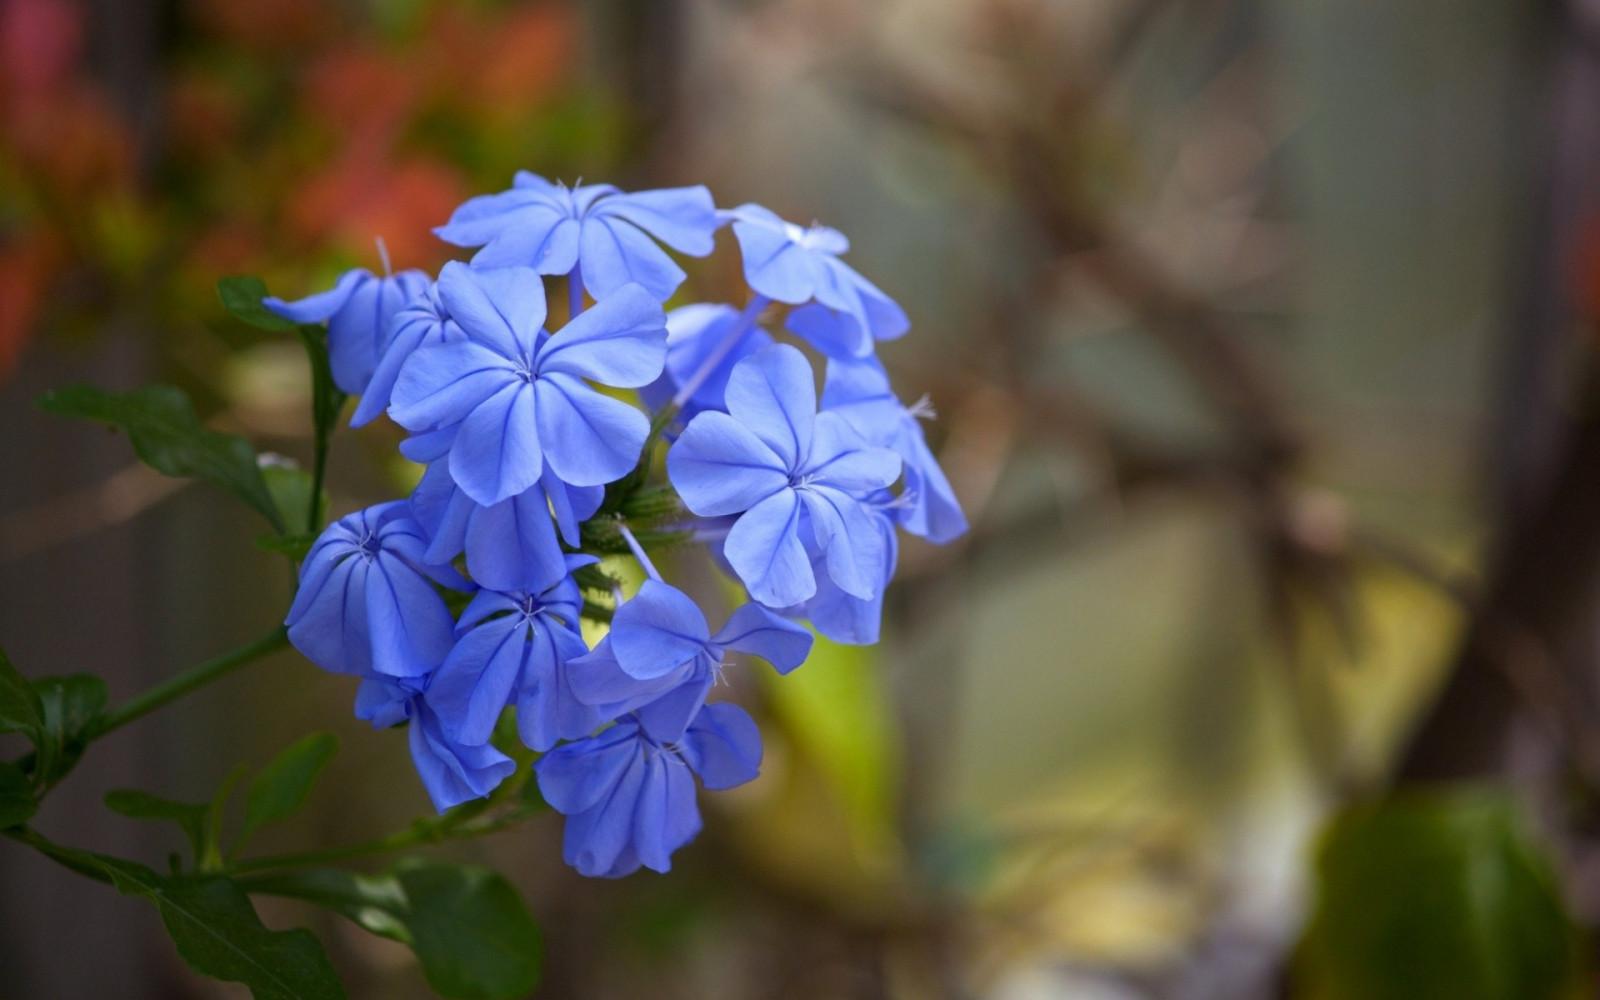 Hintergrundbilder Blaue Blume: Hintergrundbilder : Blumen, Natur, Makro, Blau, Blühen